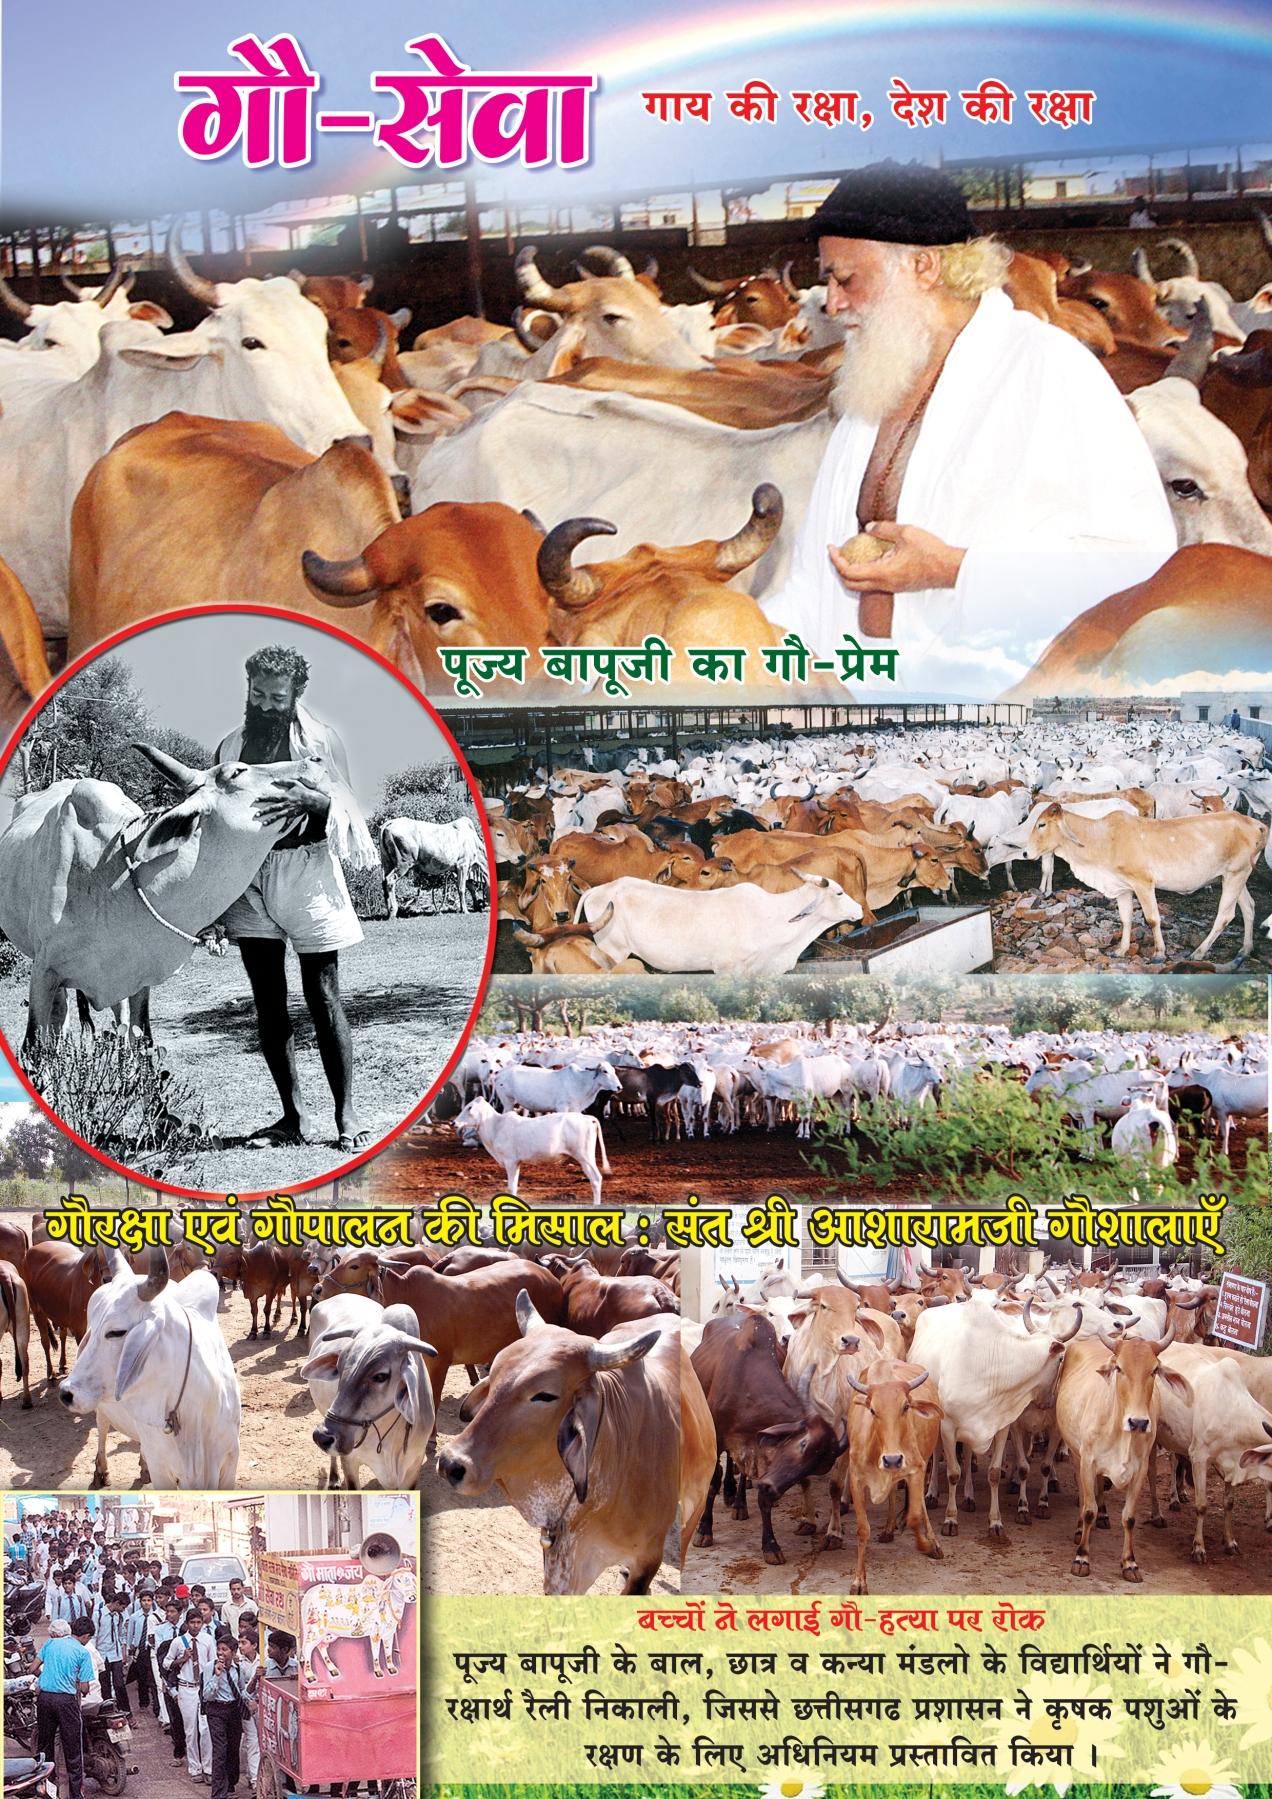 गौ सेवा - गाय की रक्षा - देश की रक्षा